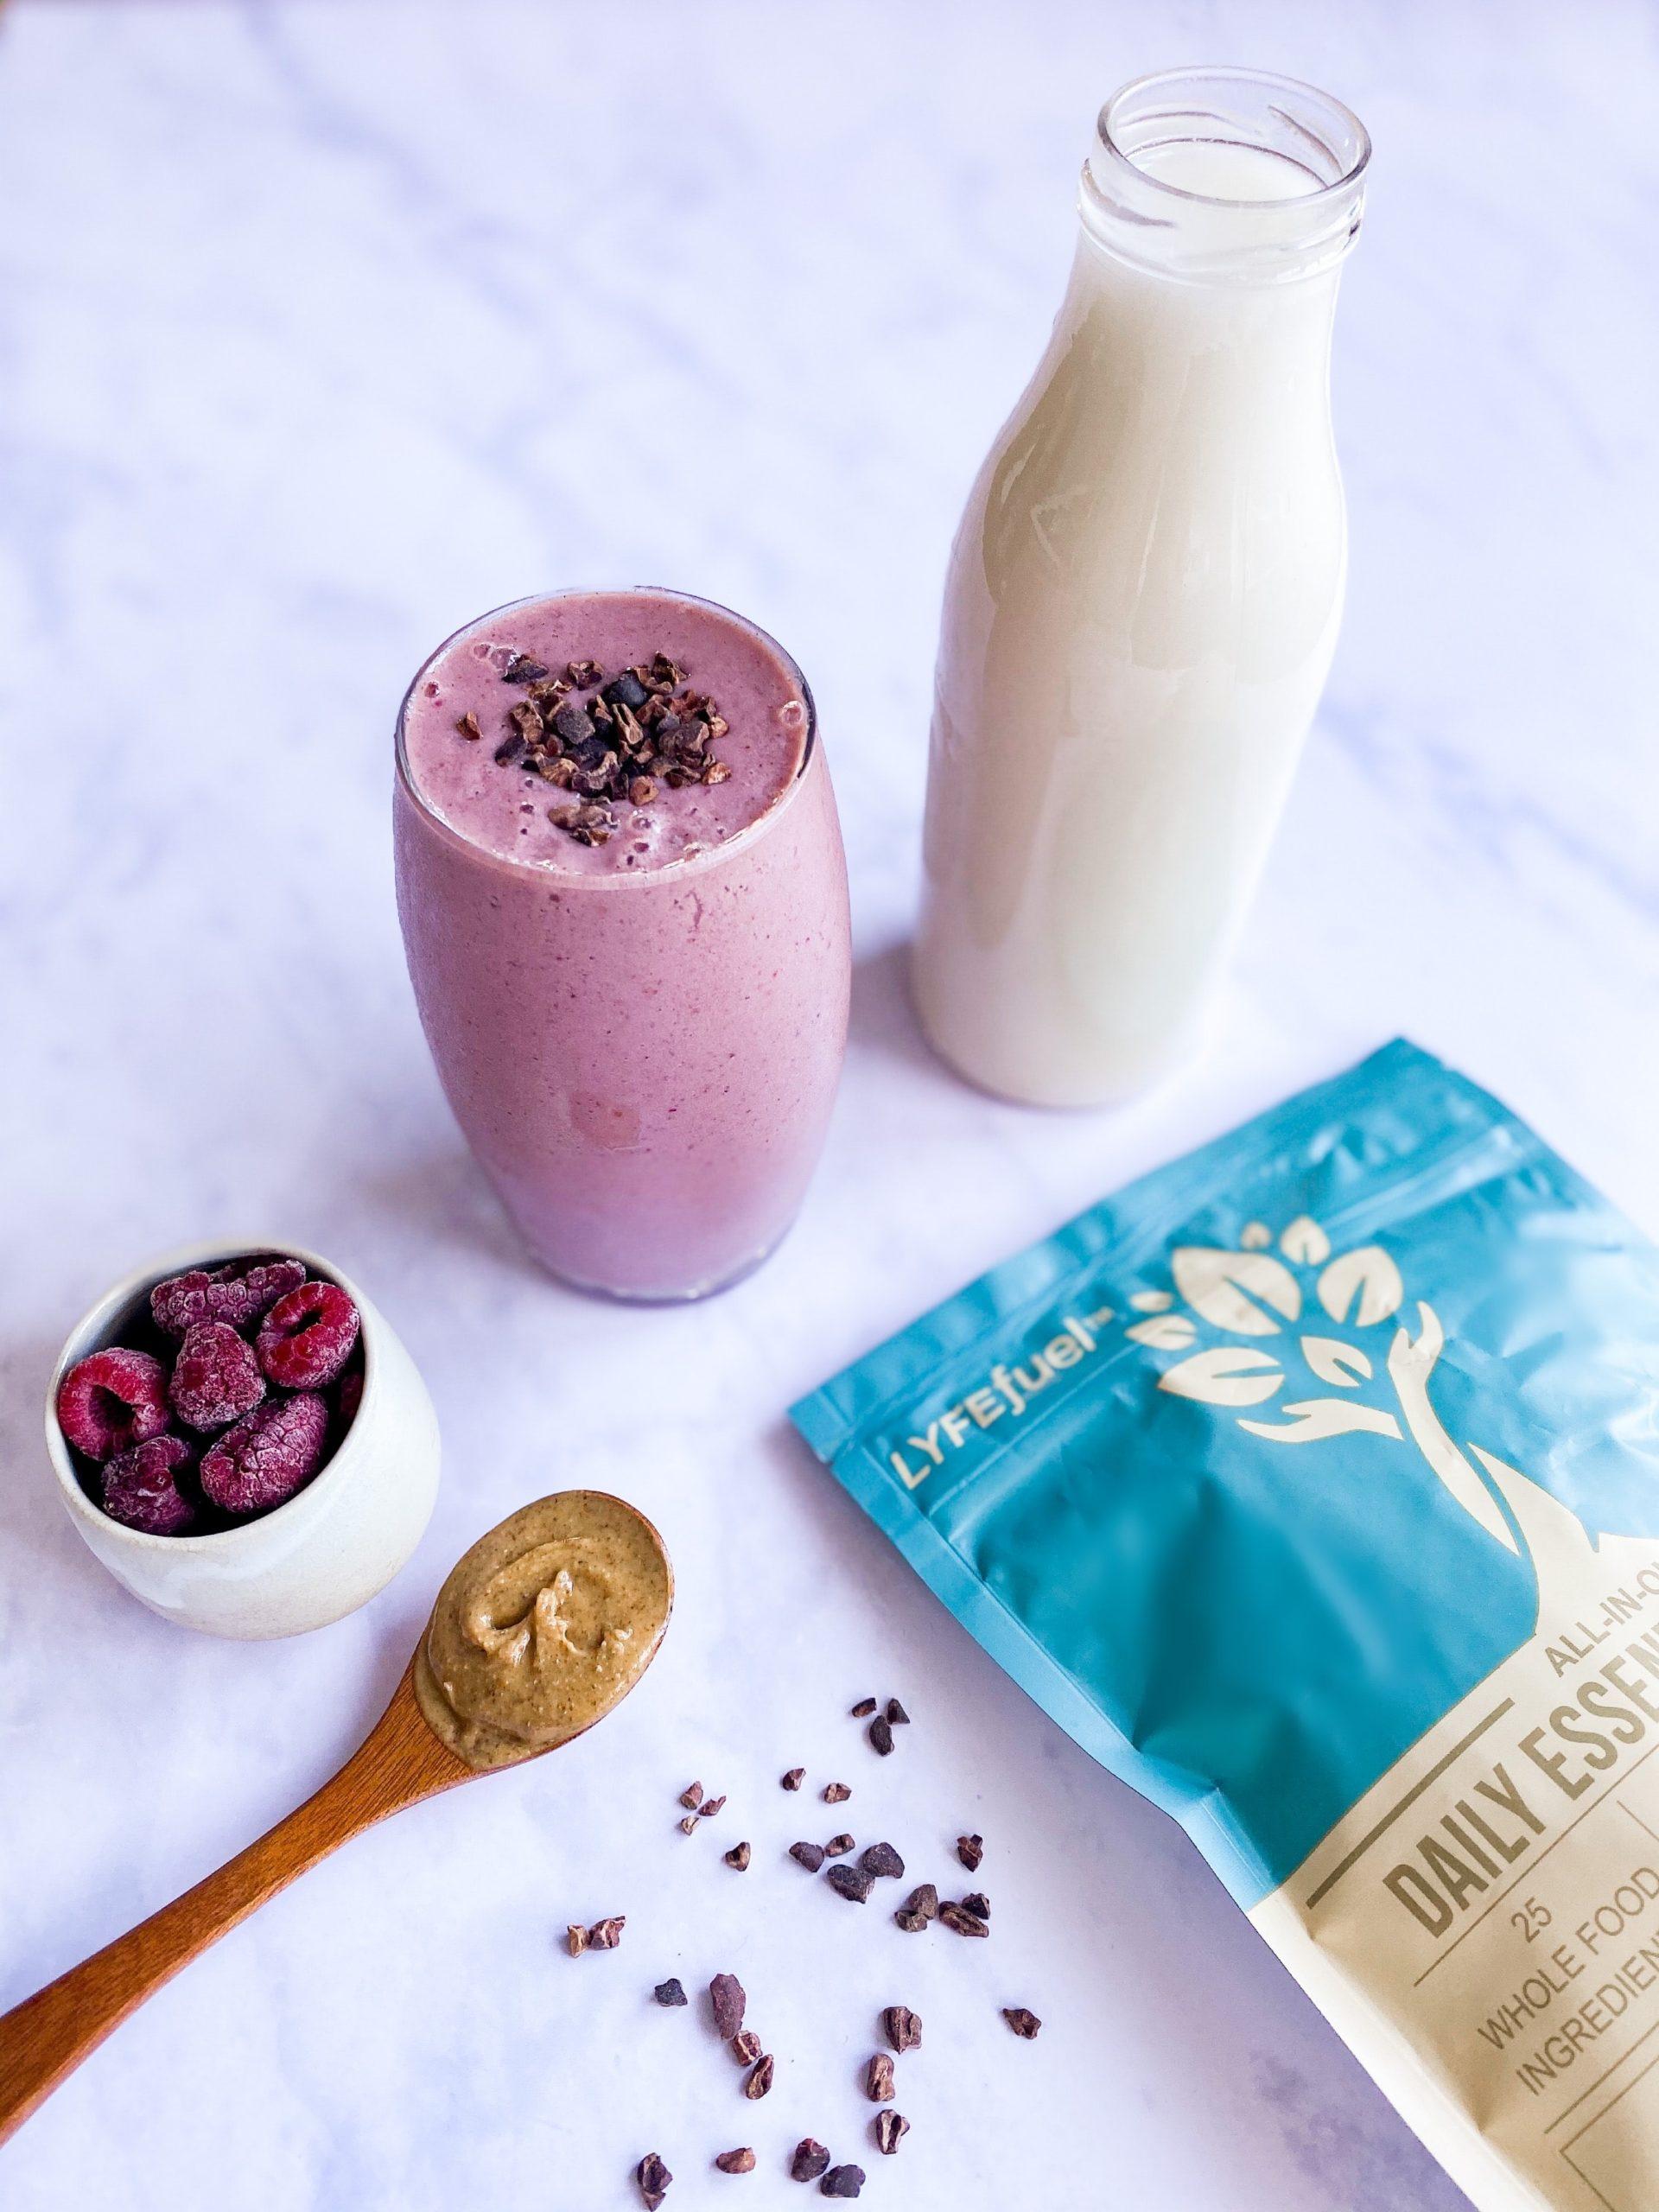 生酮飲食挑選上,可以喝高蛋白飲、杏仁奶、豆漿、全脂牛奶、抹茶、奶昔等;但要注意的是,除了選擇無糖之外,蛋白質比例也要控制好,掌握生酮飲食中,高蛋白碳水化合物的份量與比例。